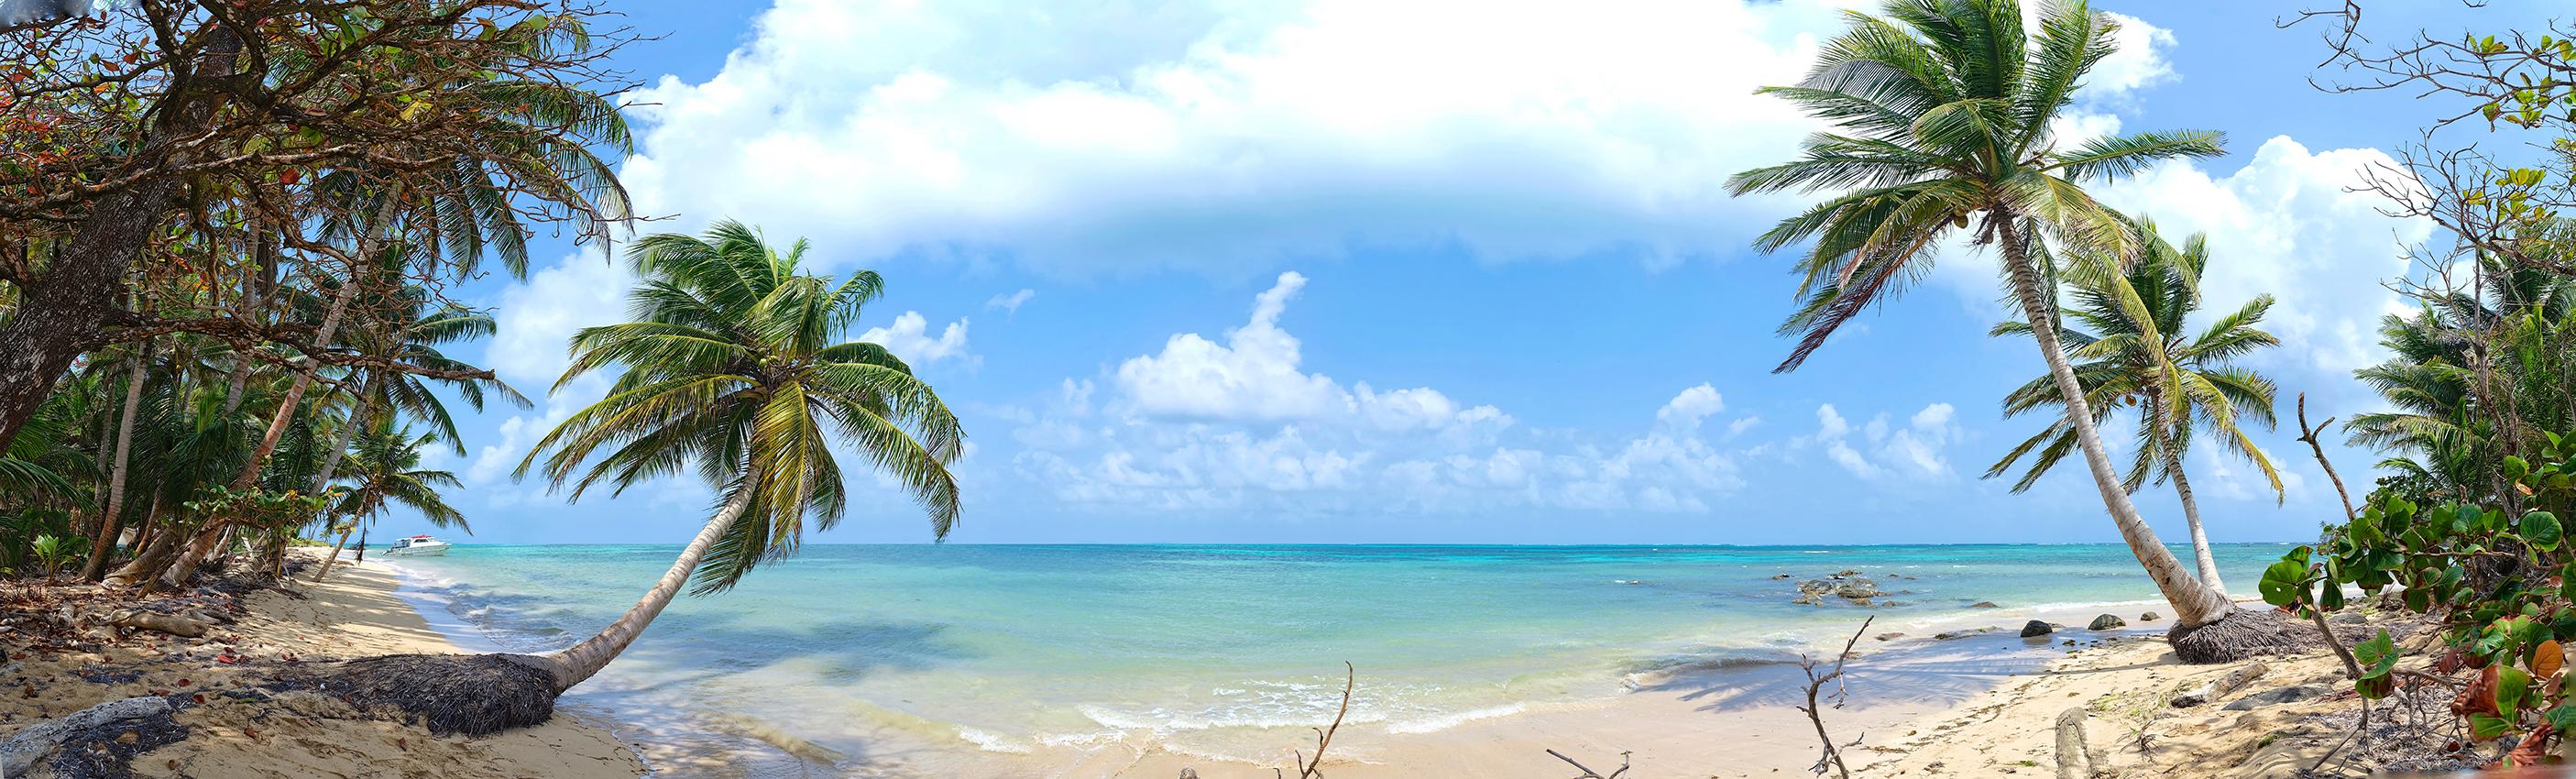 Yemaya beach Nicaragua